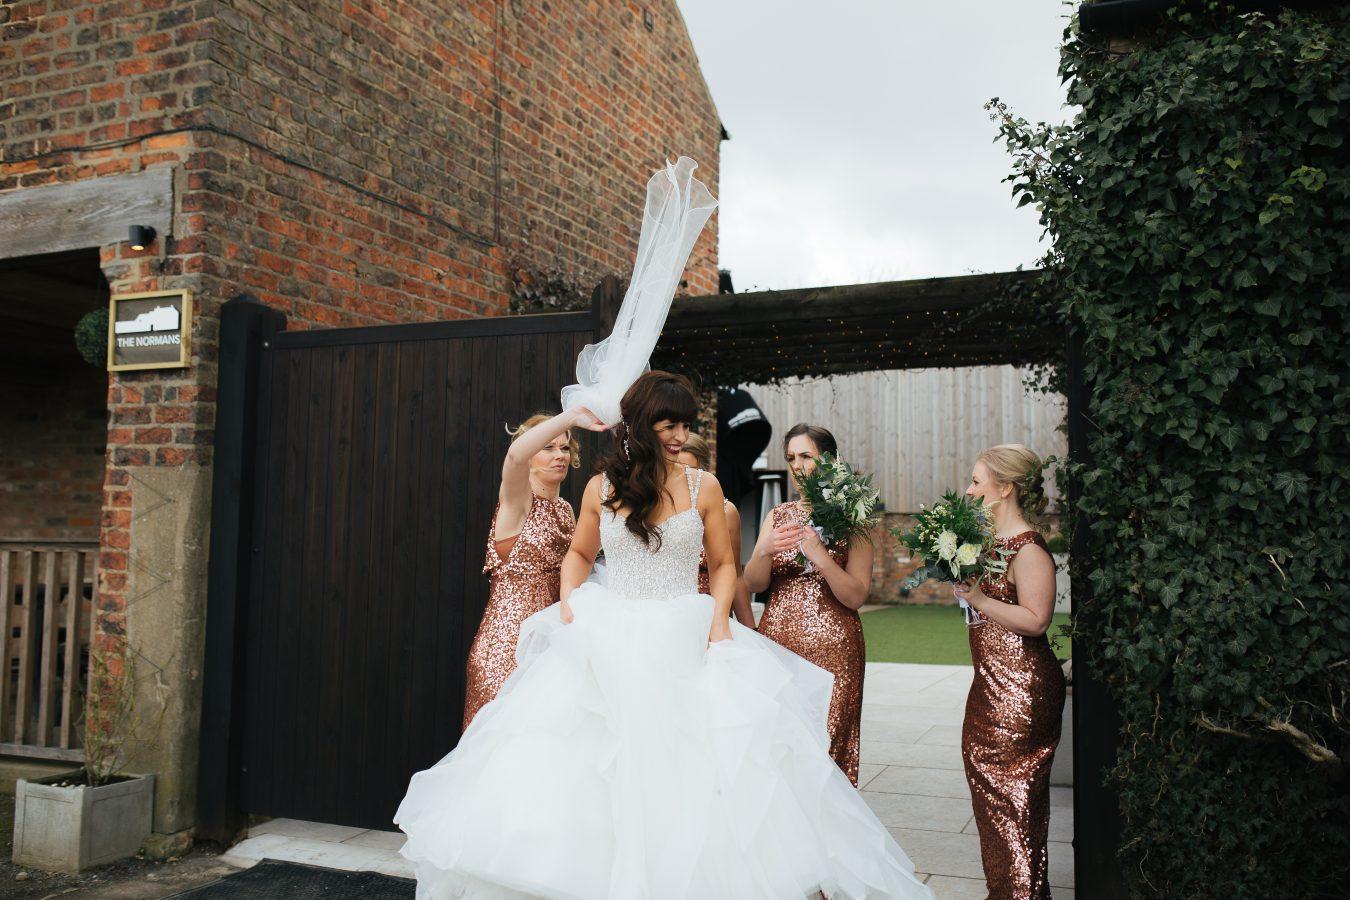 Bride-bridesmaids-the-normans-2019